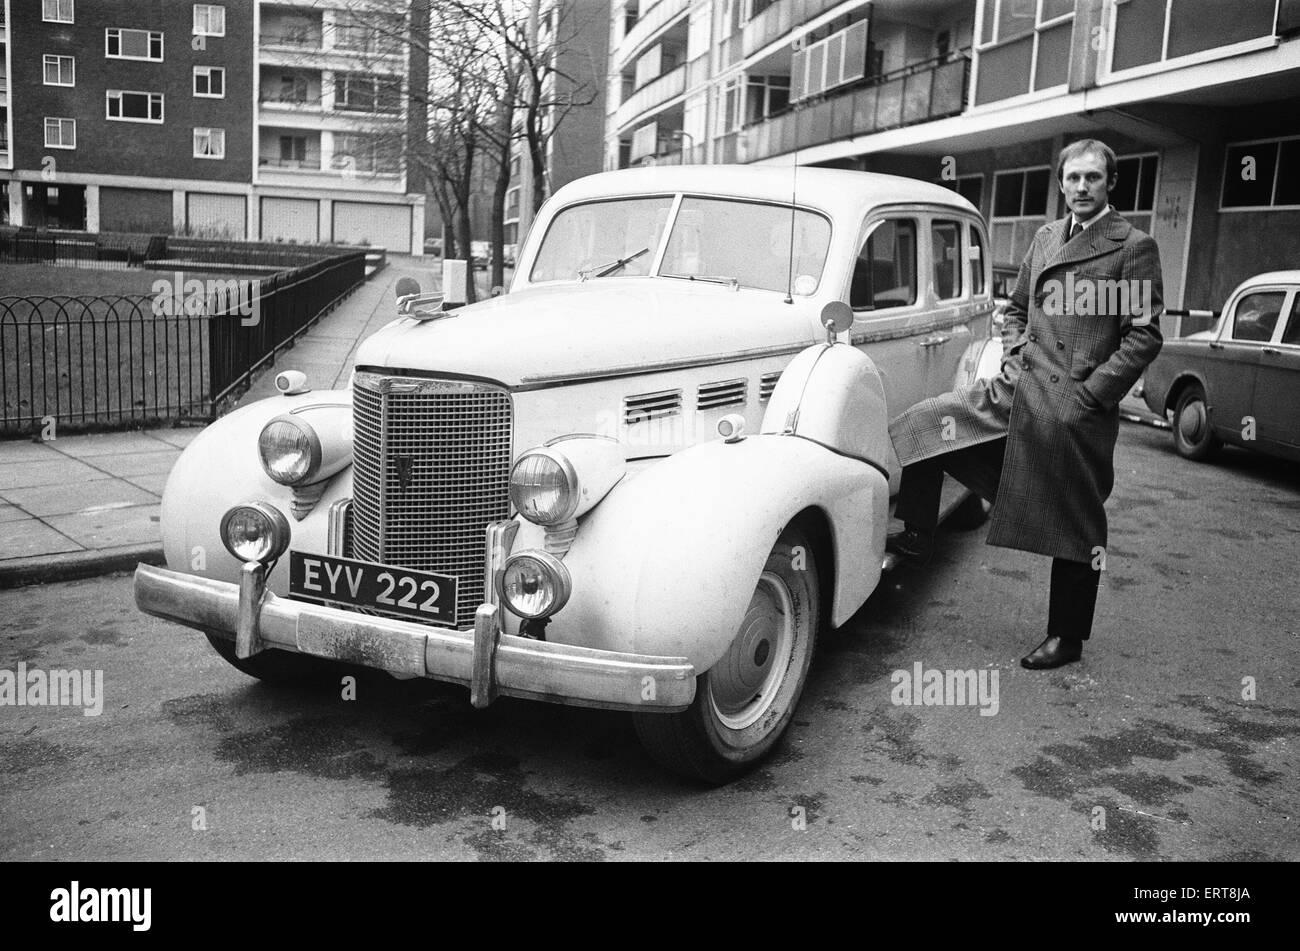 Rupert Lycett Green mit seinem Vintage Cadillac hier gesehen. 15. Februar 1968 Stockbild